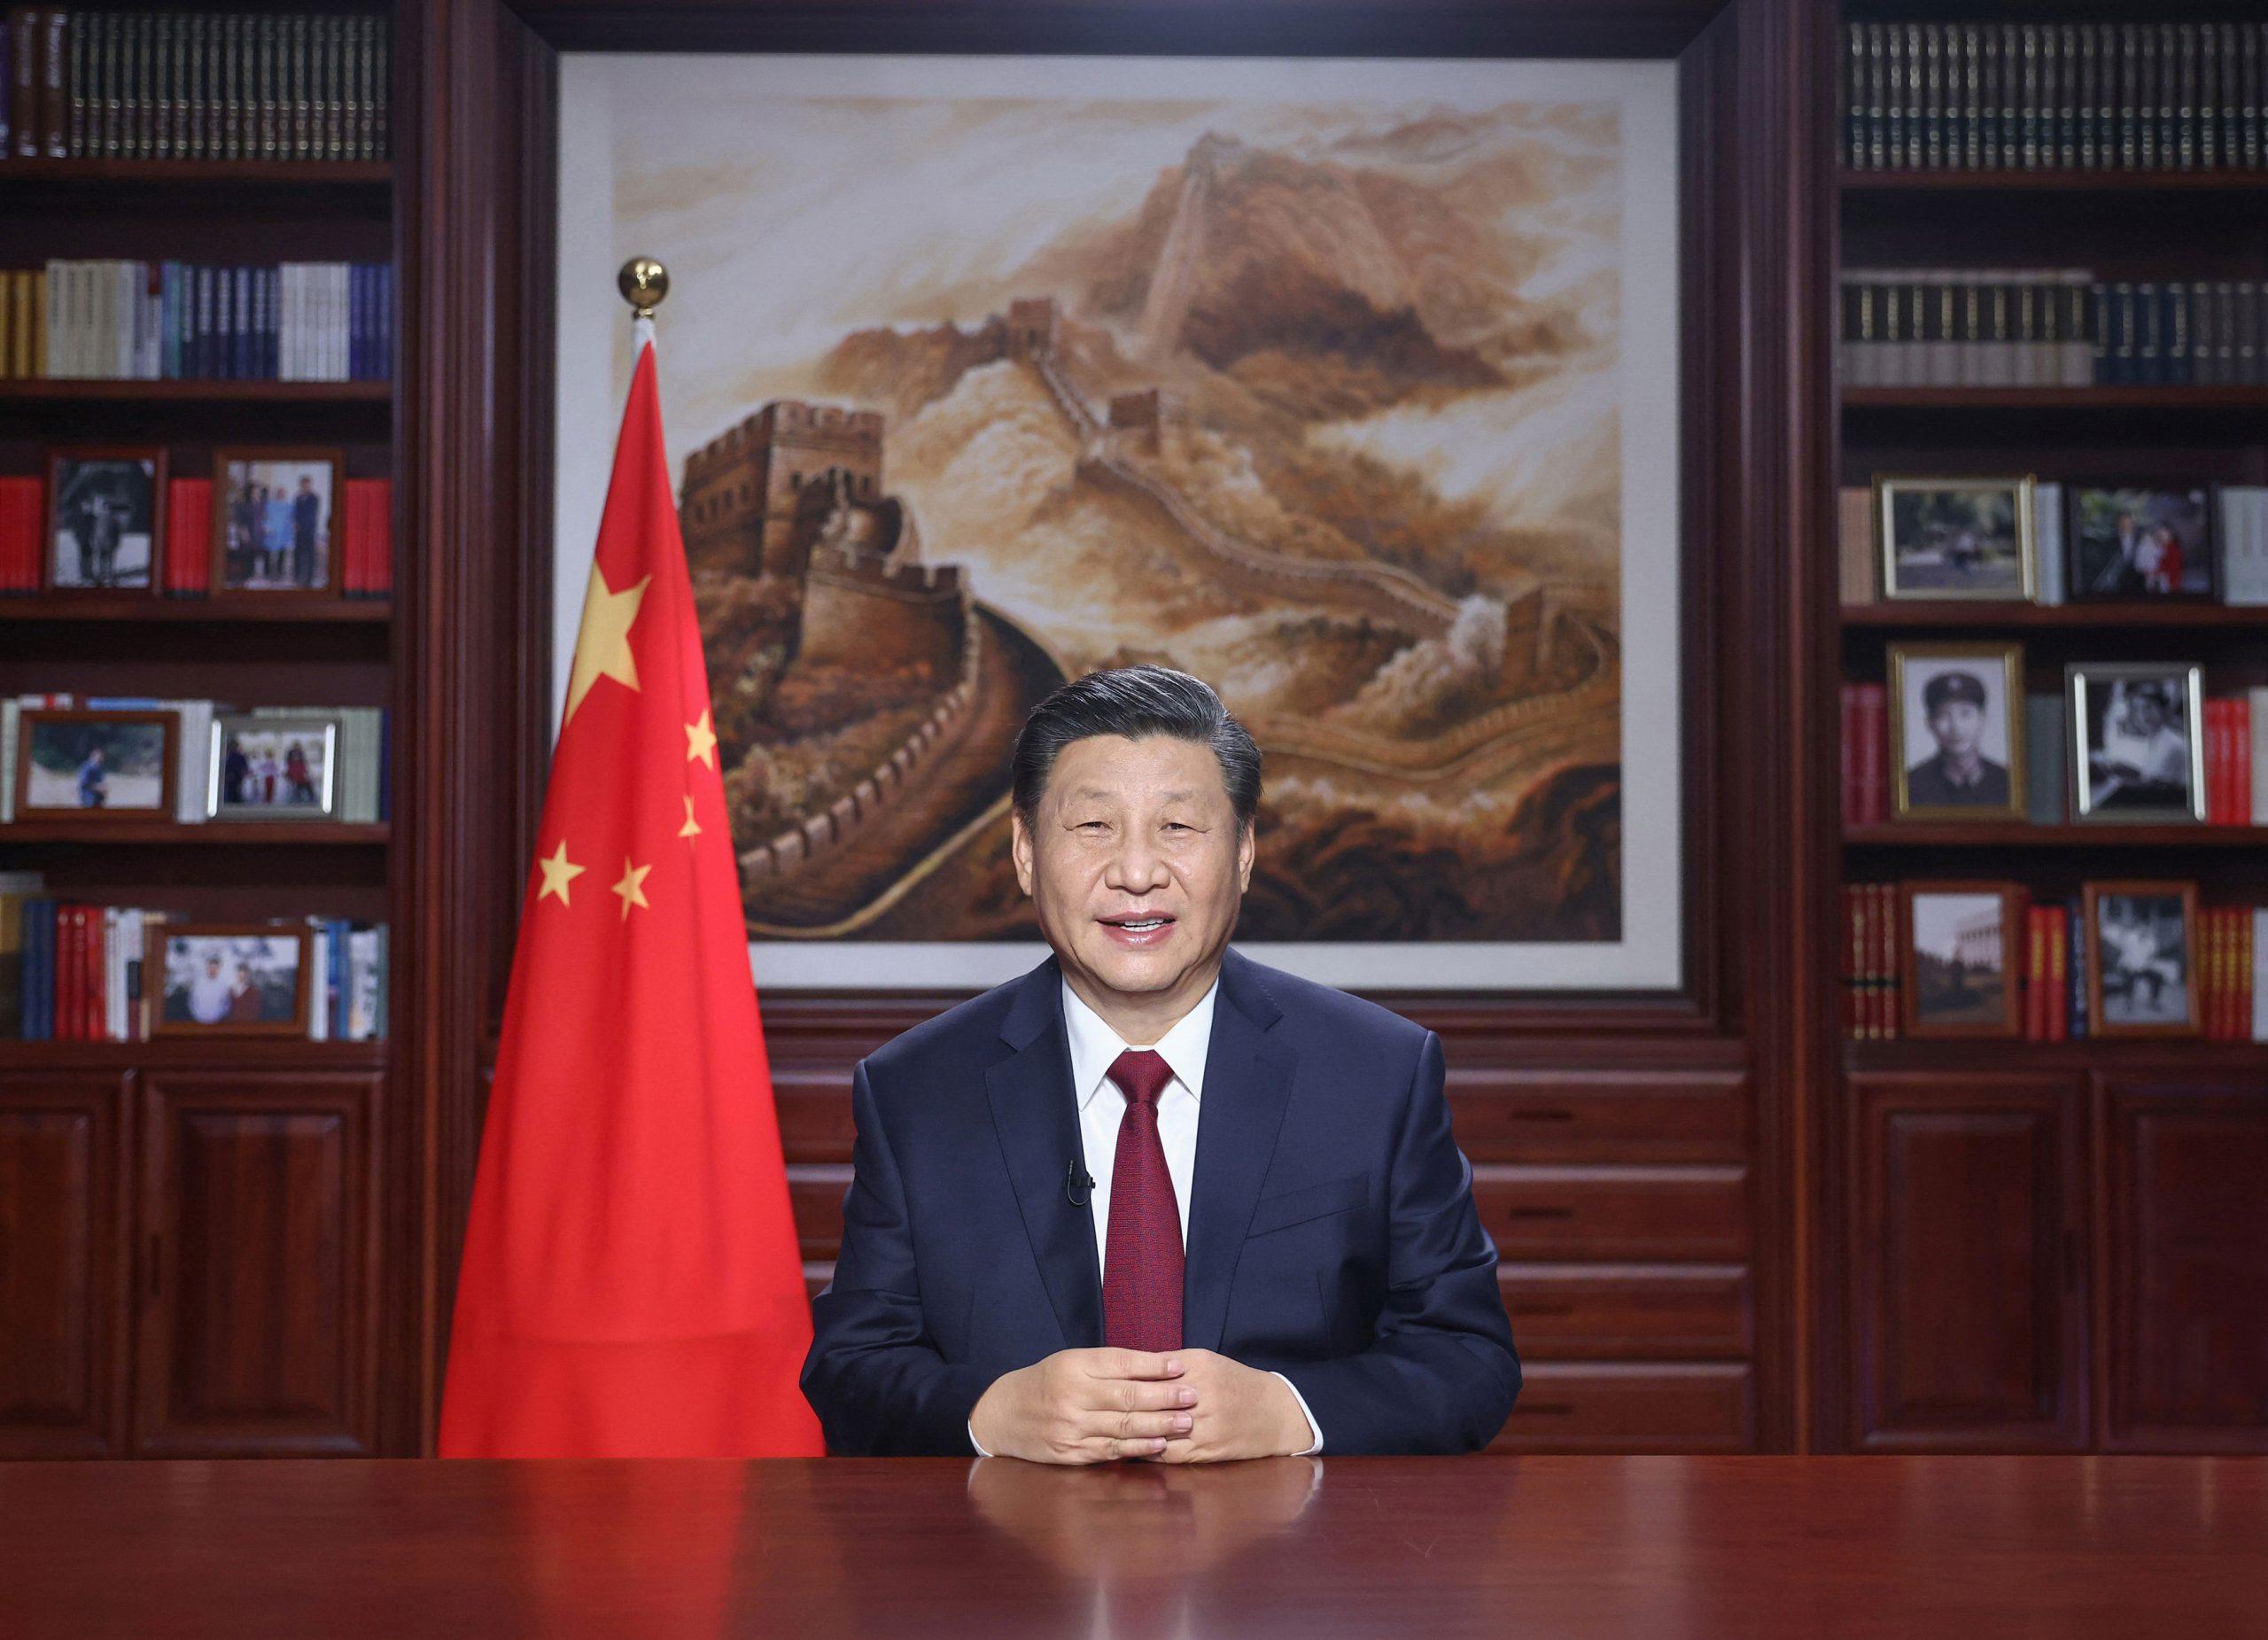 Xi llama a contener fraudes de telecomunicaciones y en línea